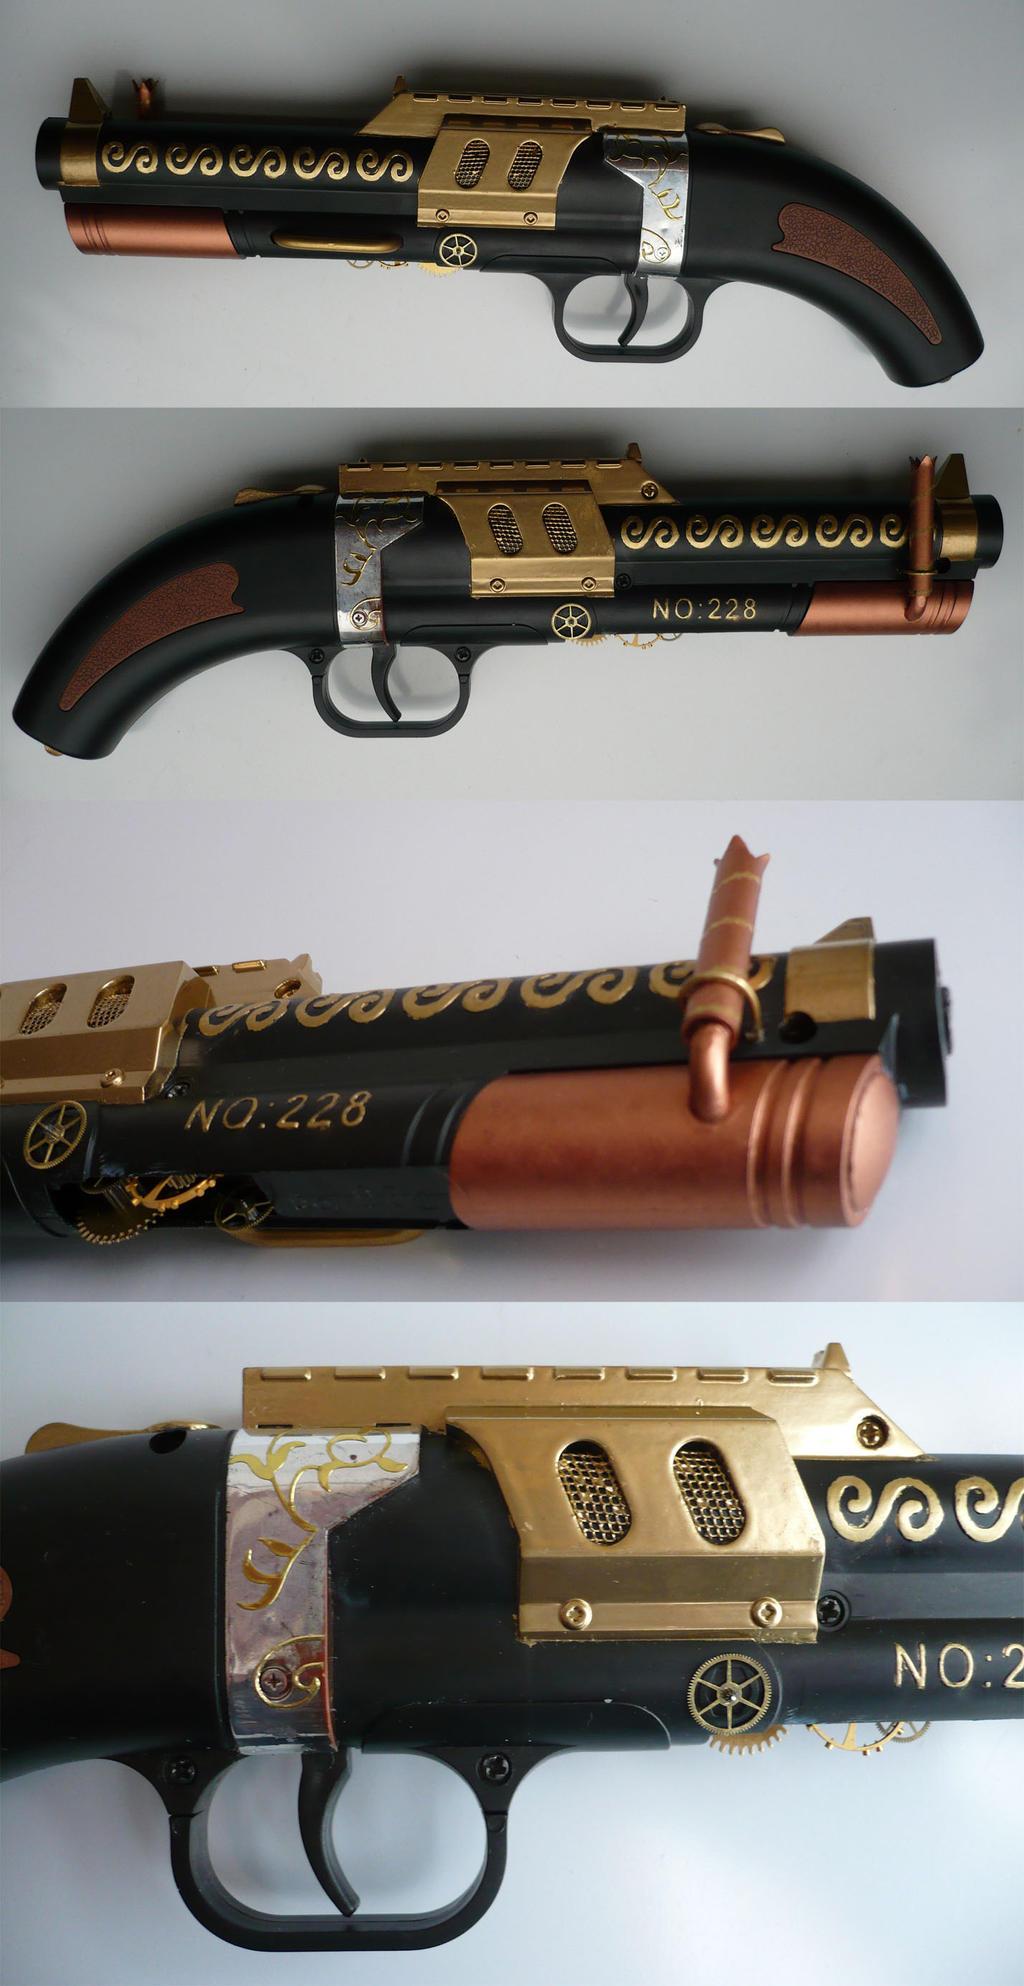 Steampunk no.228 Steam-pistol serial no. 001_01 by Arsenal-Best